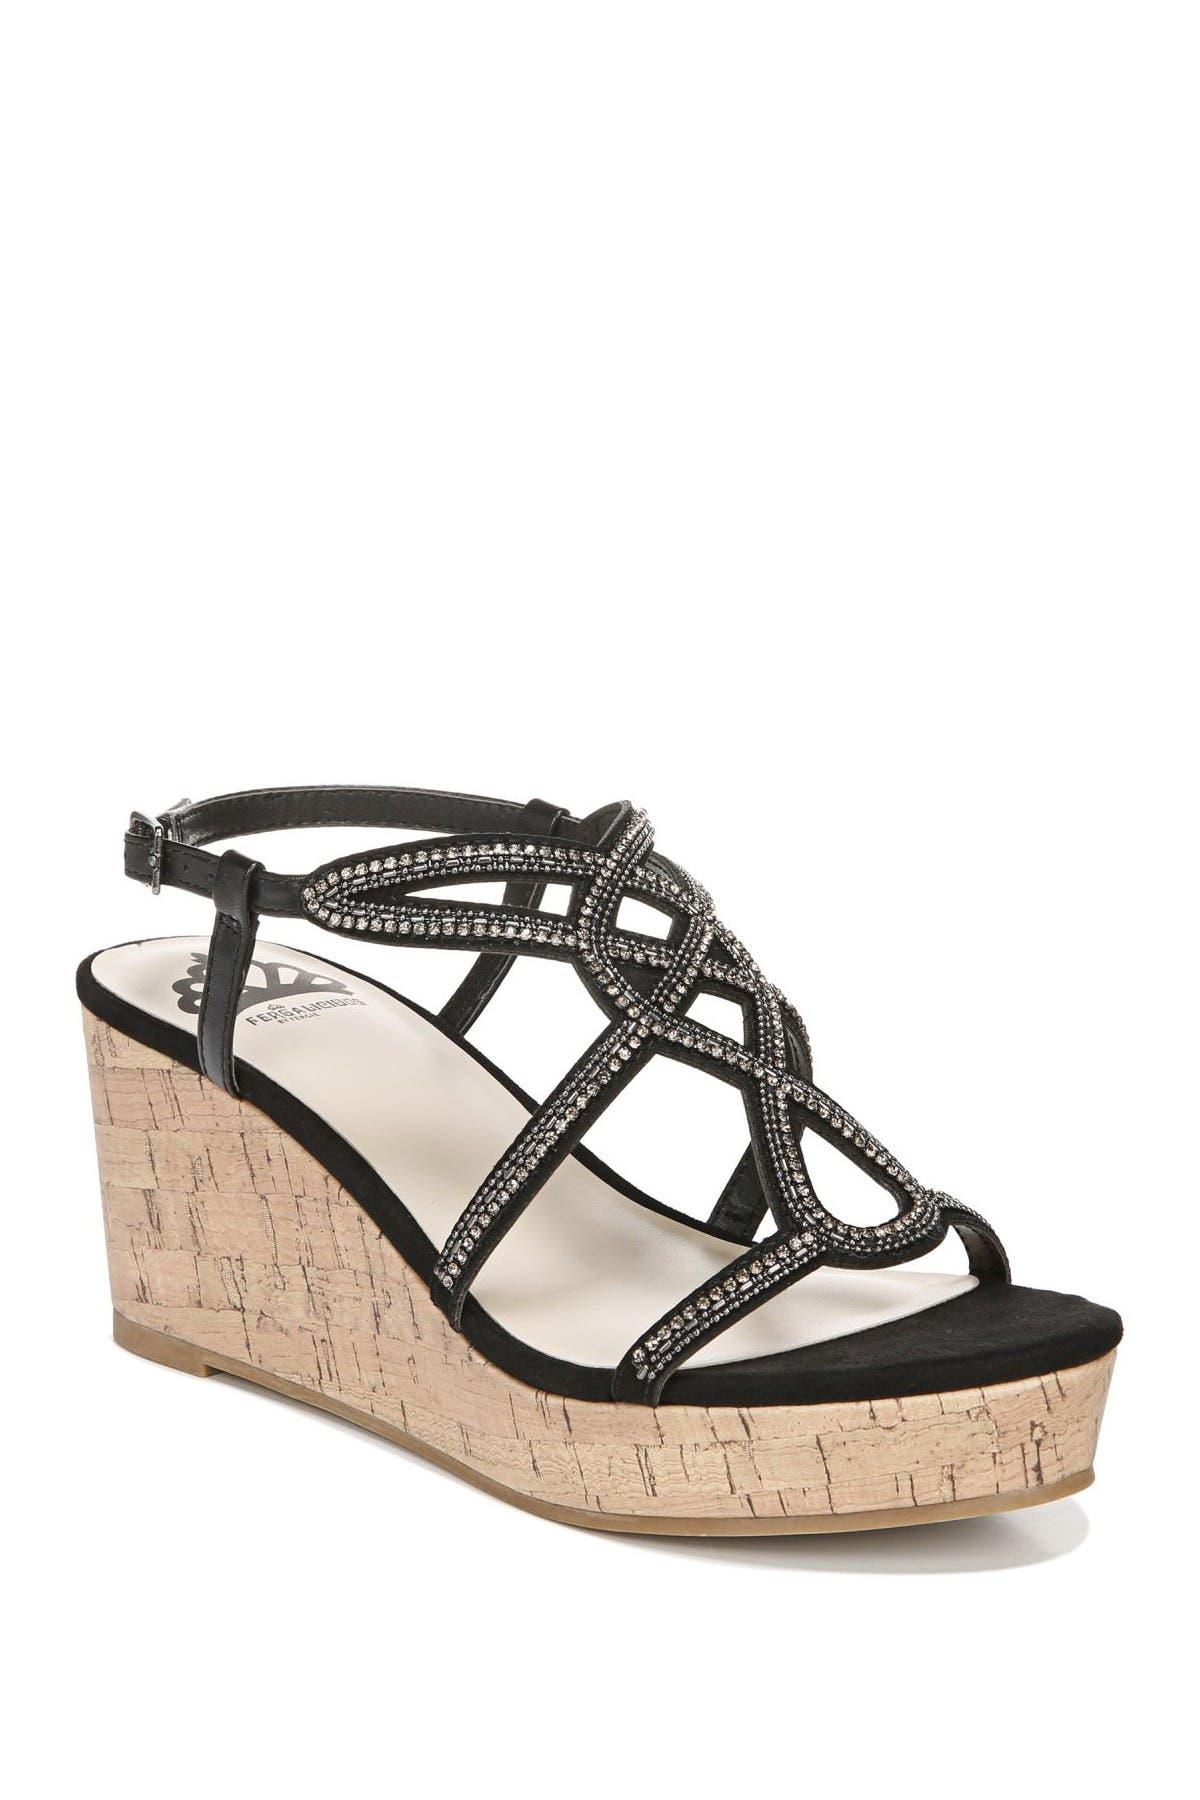 Image of Fergalicious Mimic Embellished Platform Wedge Sandal